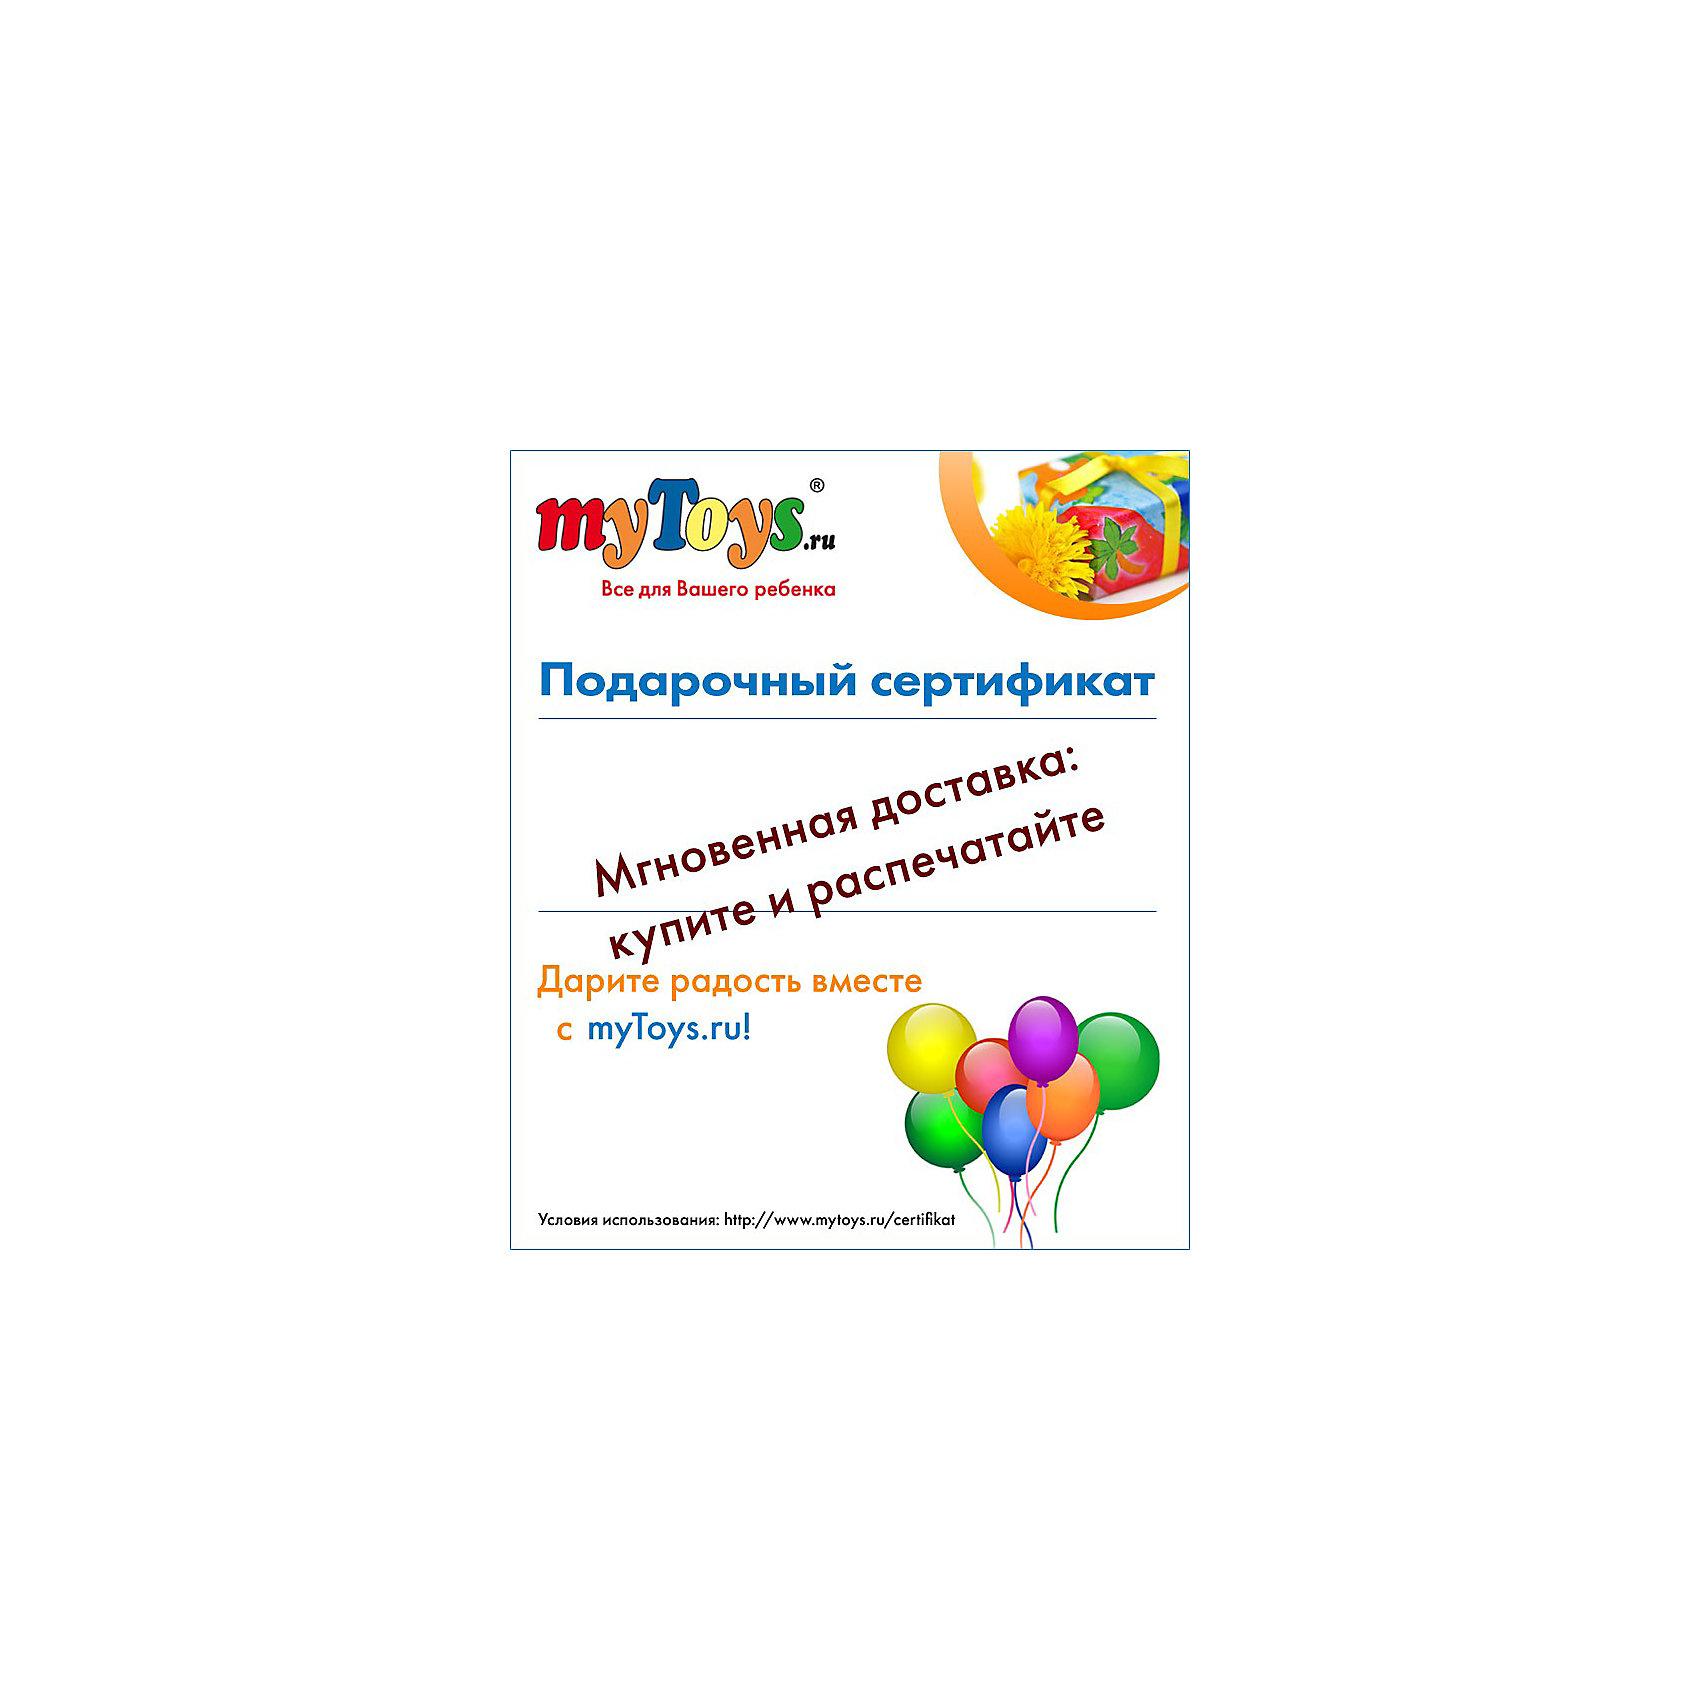 Электронный подарочный сертификат на сумму 500 рублей